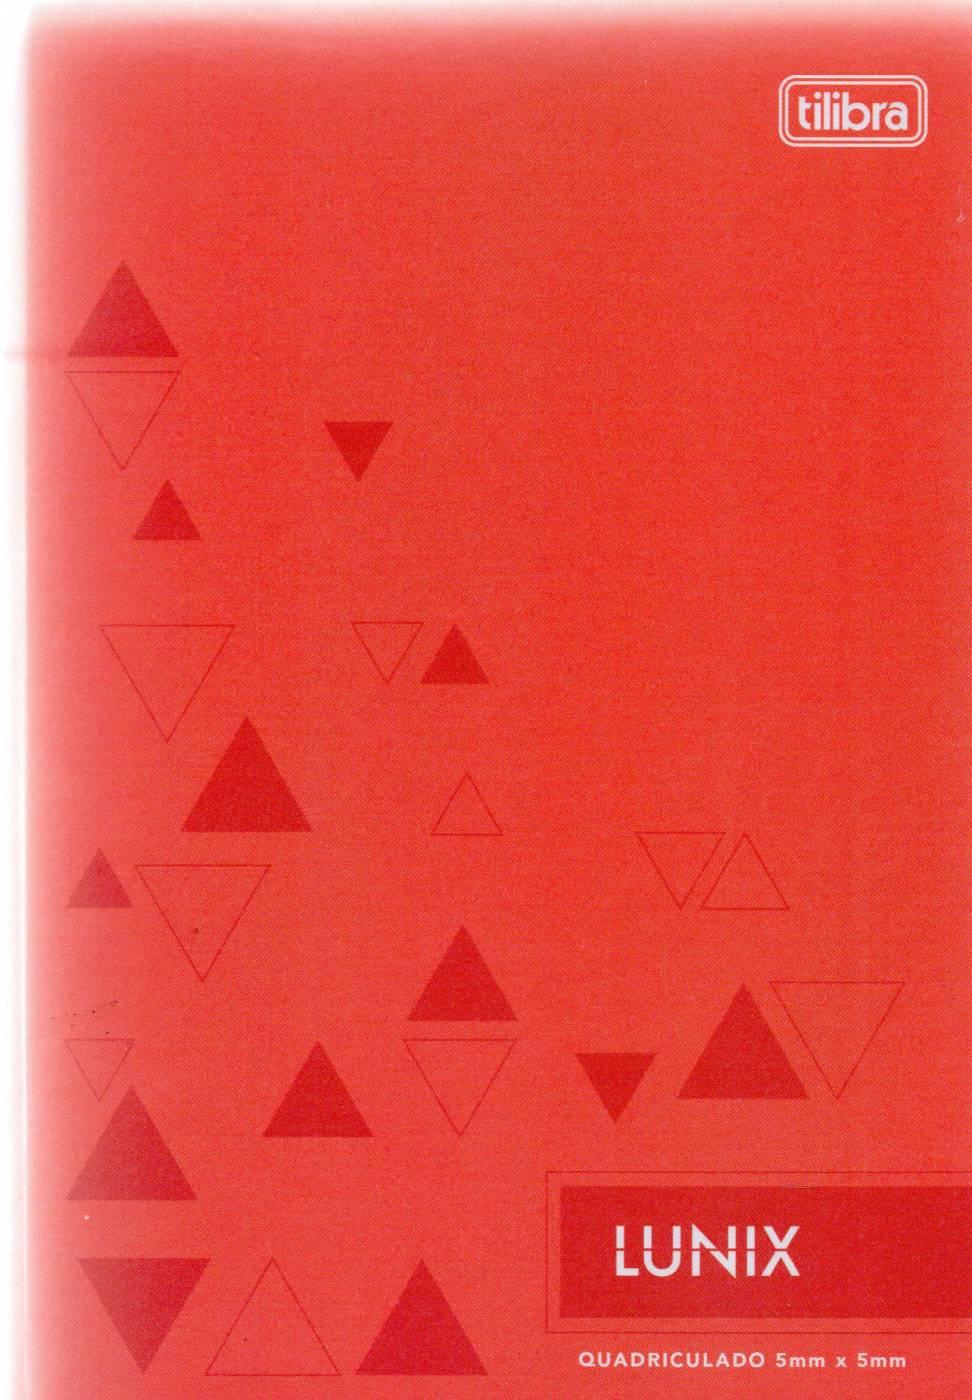 Caderno Lunix 1/4 Tilibra Quadriculado 5 mm x 5 mm Vermelho